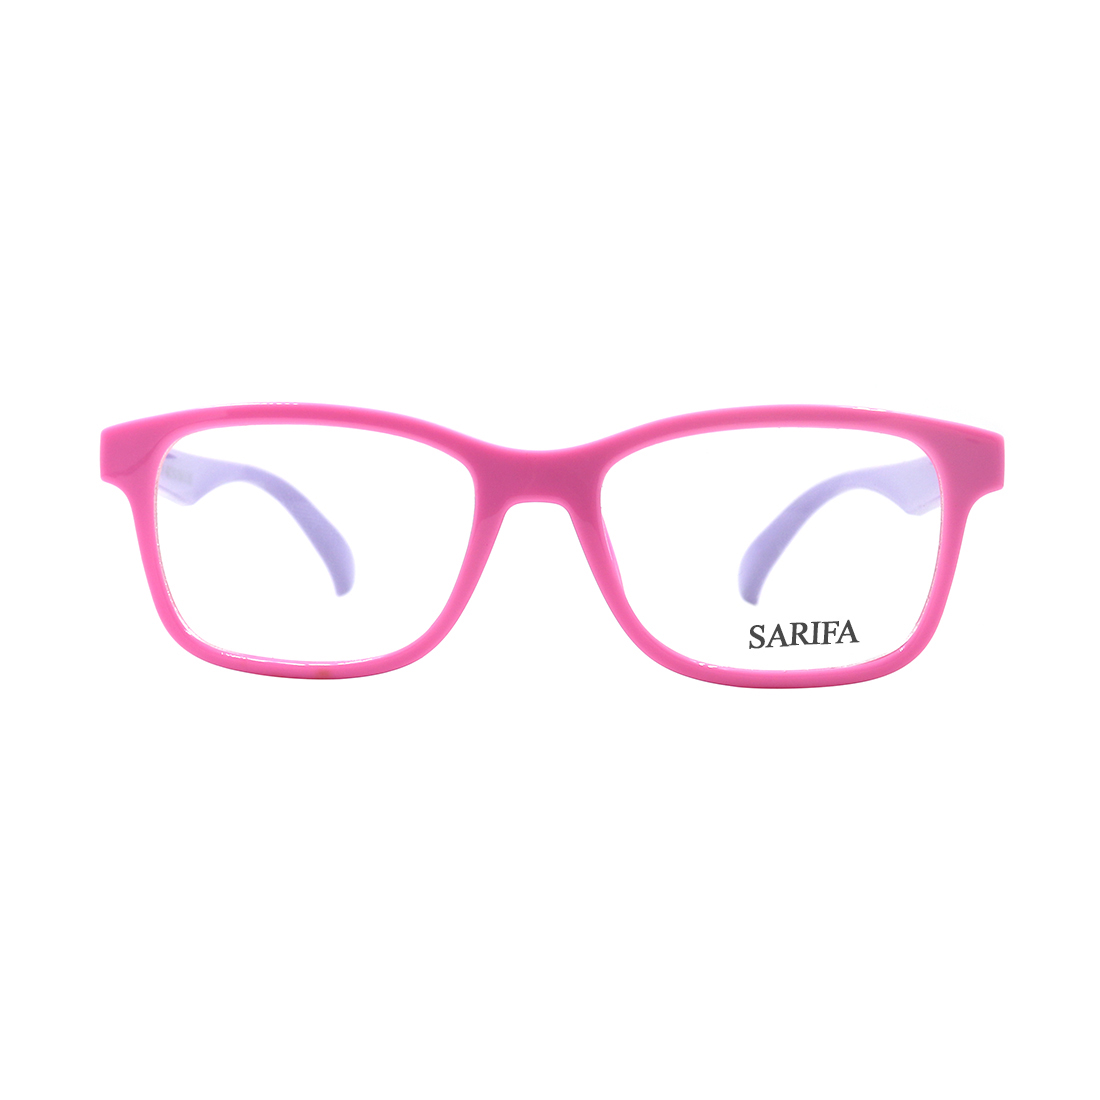 Gọng kính, mắt kính trẻ em SARIFA S8250 (48-15-124), mắt kính thời trang